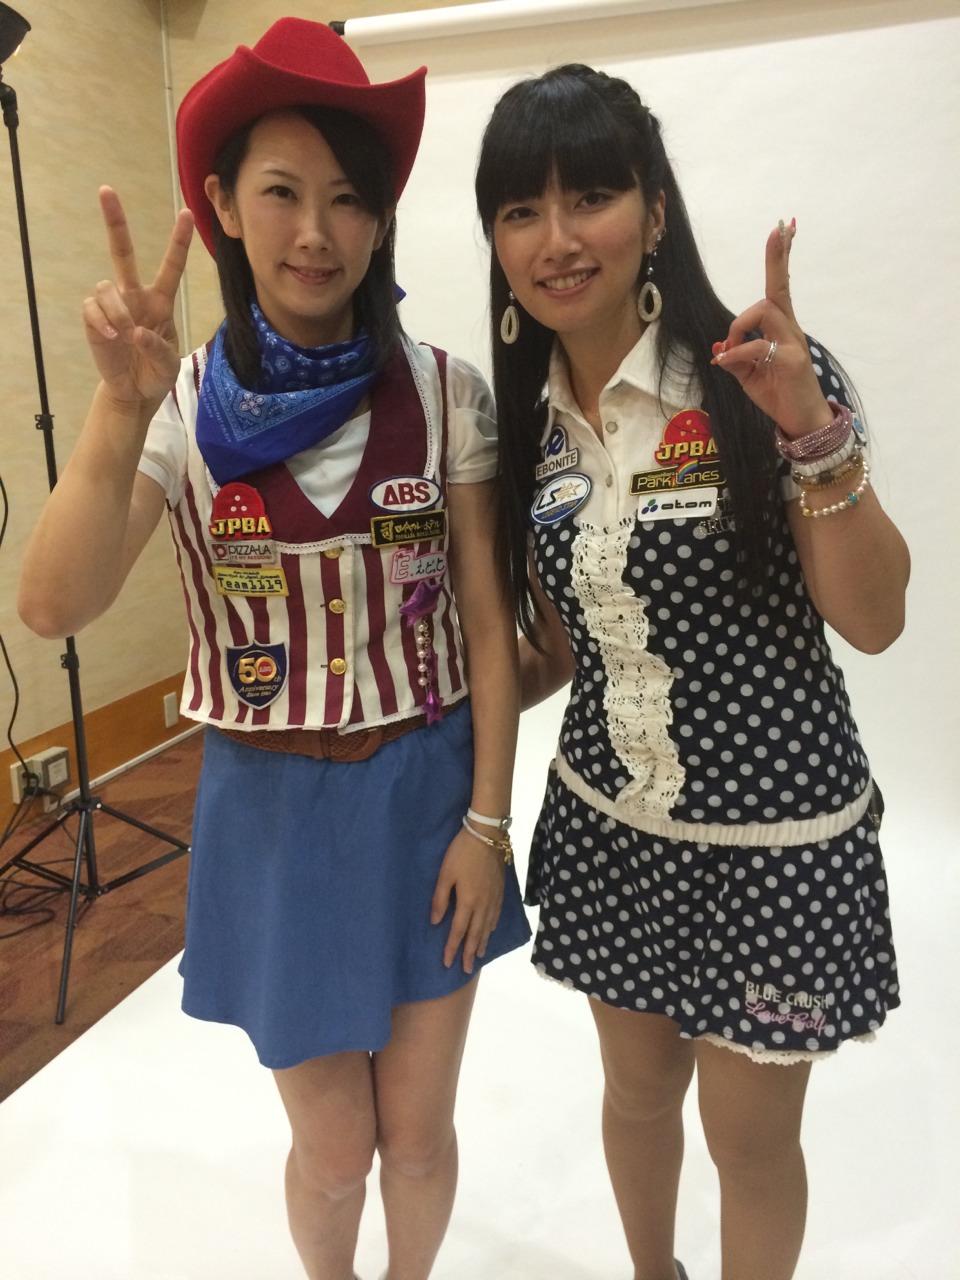 チャレンジマッチ in 関東&日本ファッション協会さん☆_d0156990_23303527.jpg